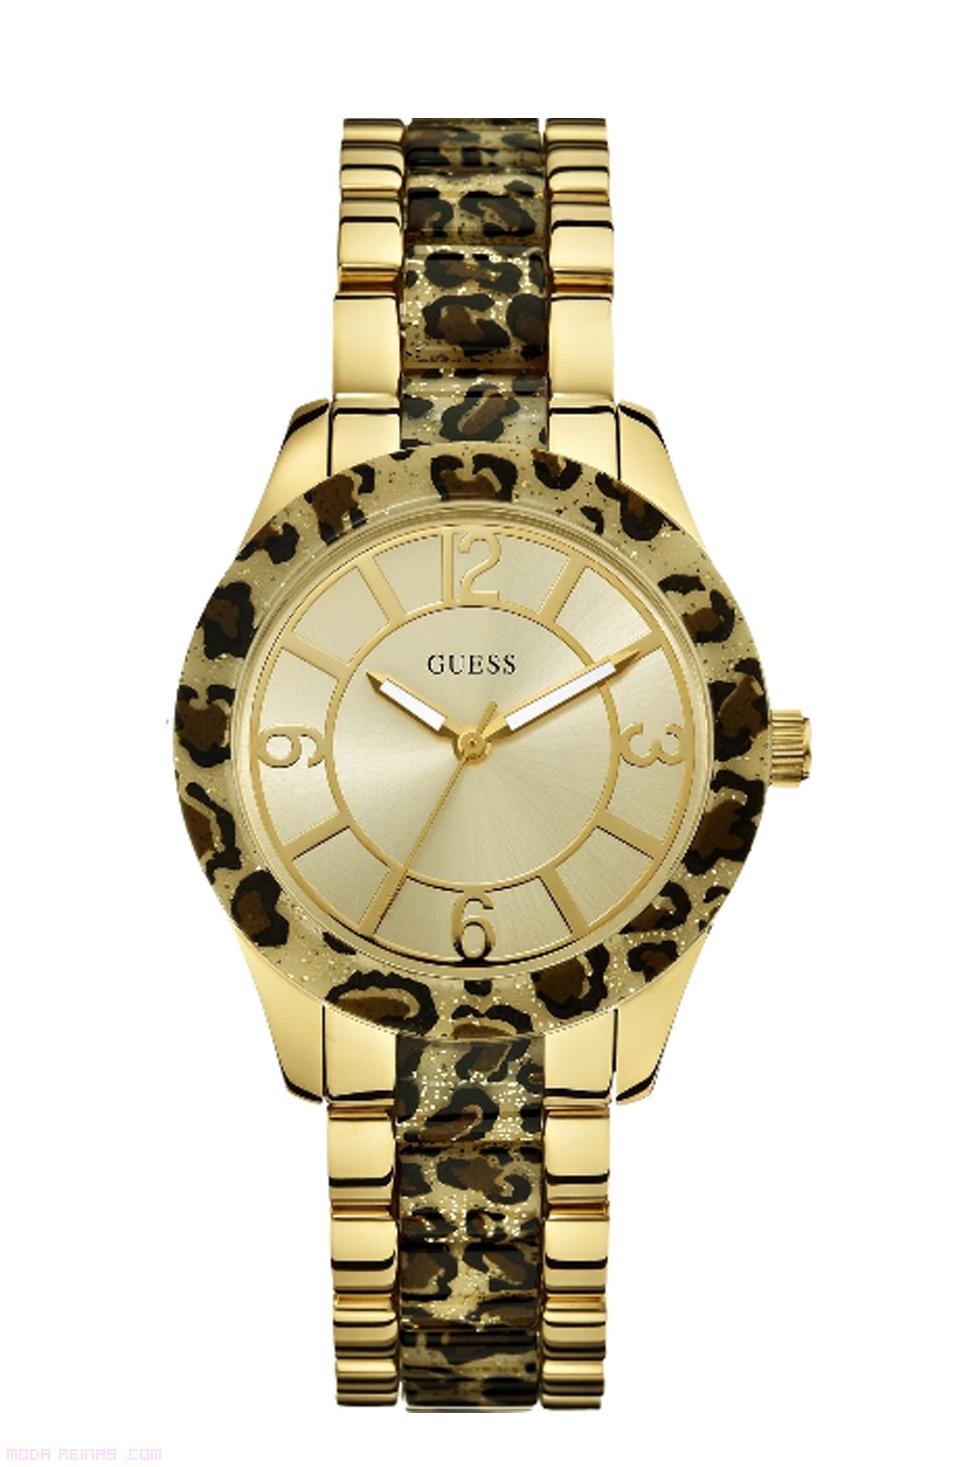 relojes dorados y con estampado de moda